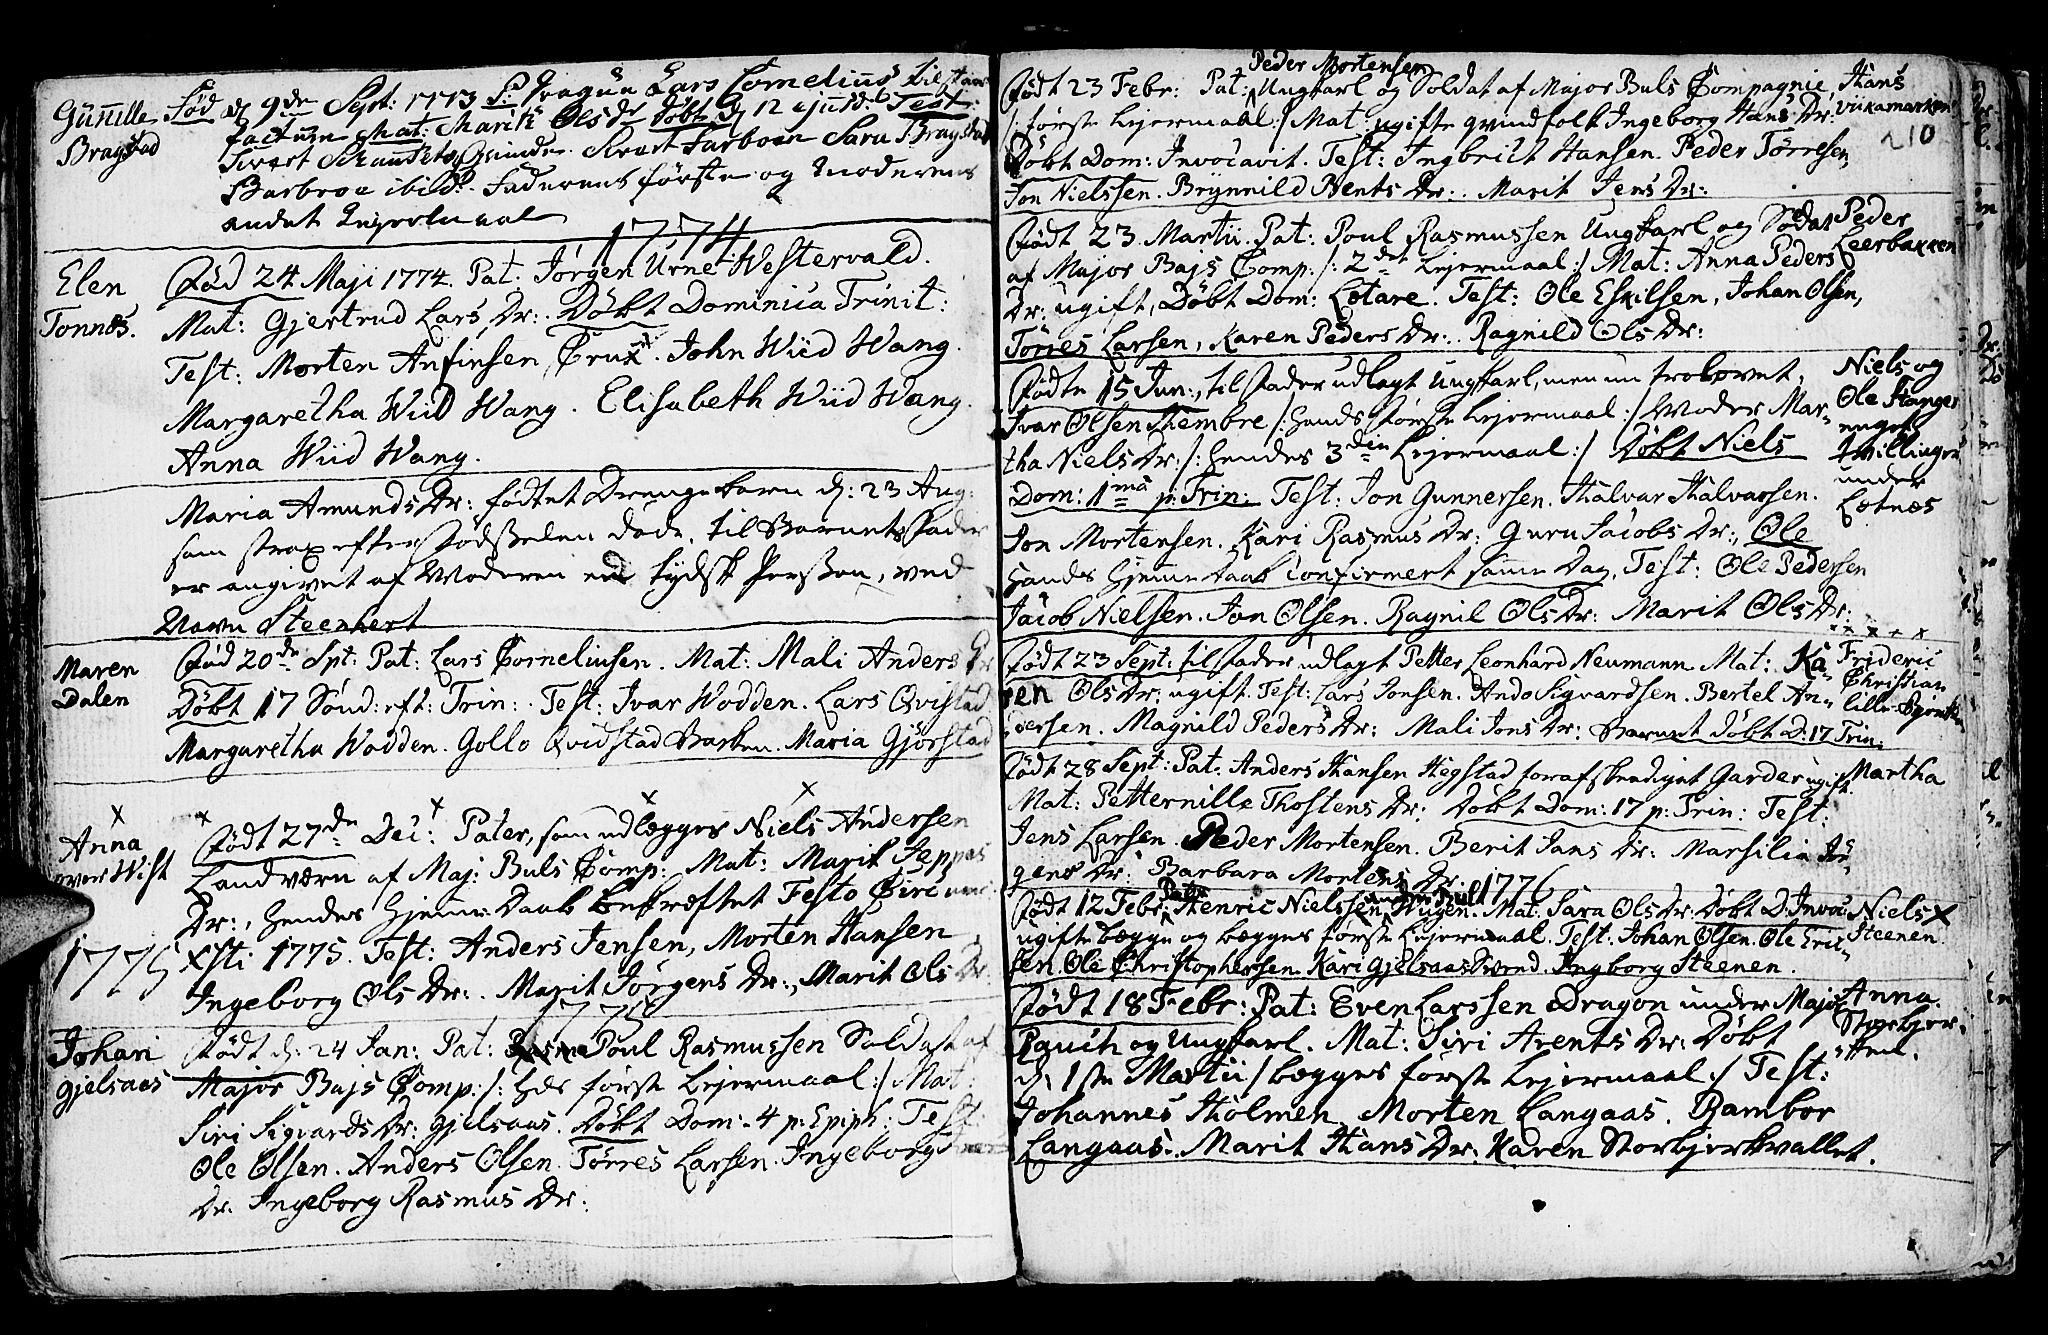 SAT, Ministerialprotokoller, klokkerbøker og fødselsregistre - Nord-Trøndelag, 730/L0273: Ministerialbok nr. 730A02, 1762-1802, s. 210